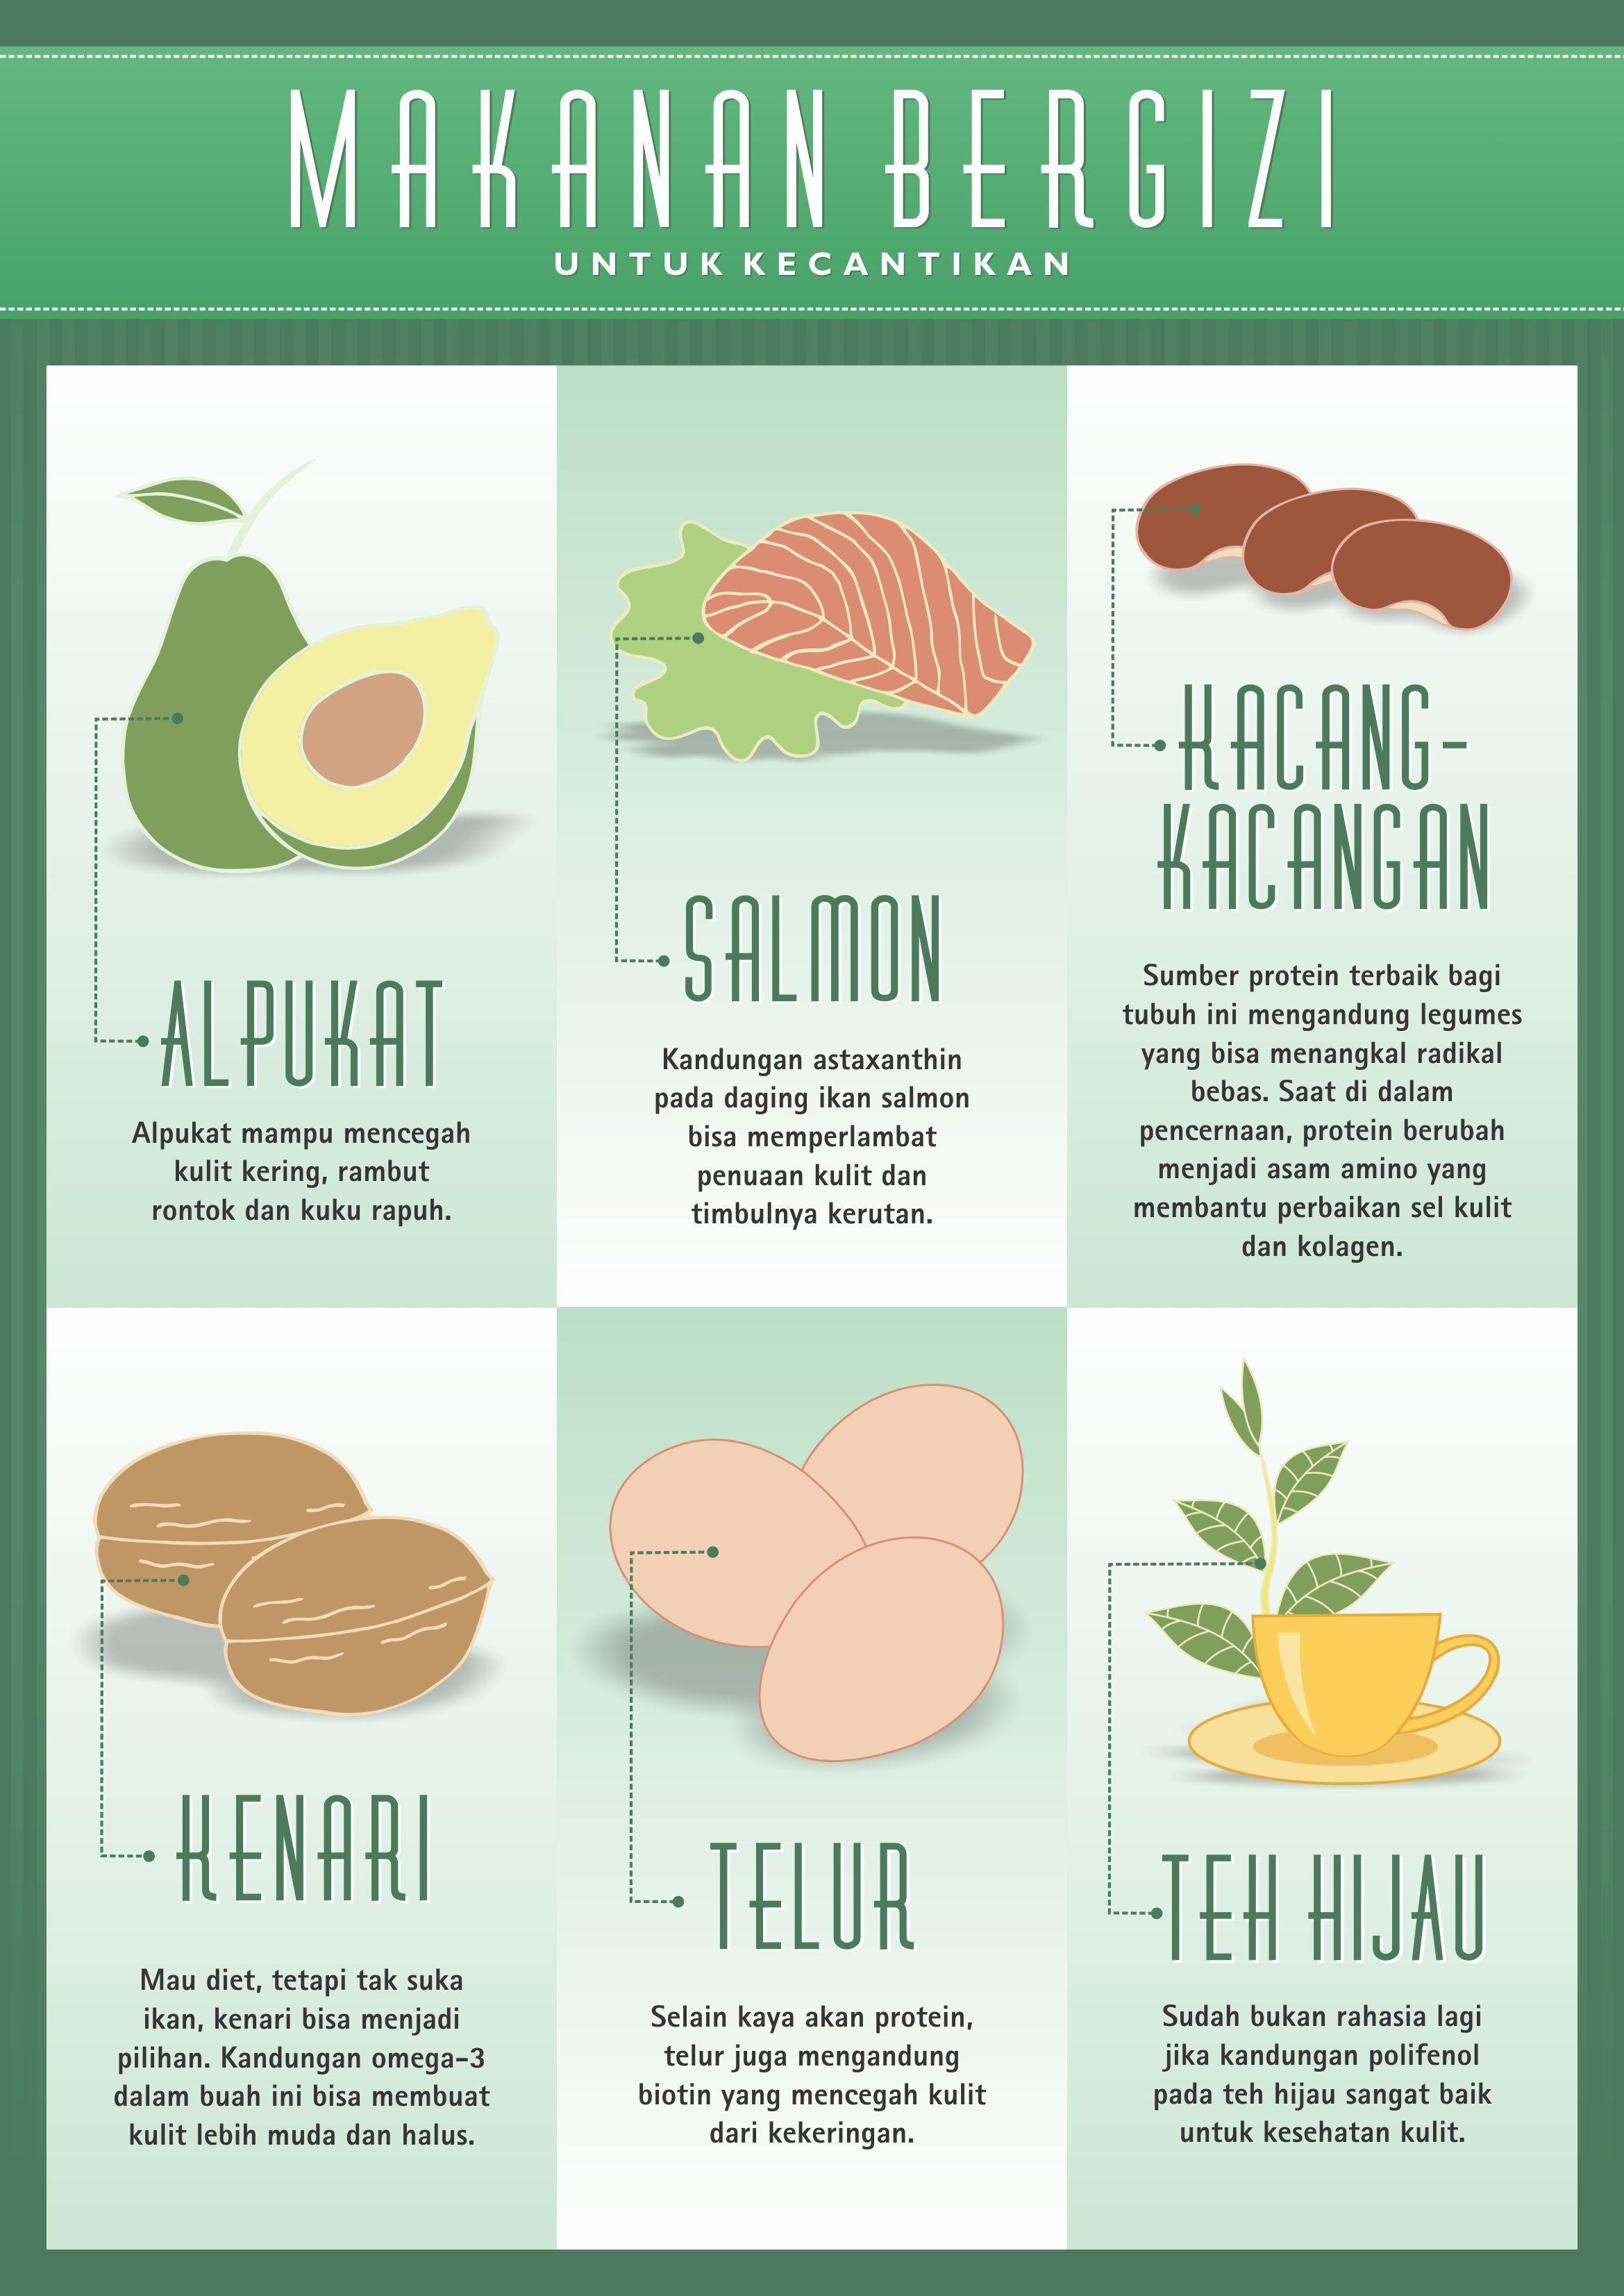 Makanan yang memiliki manfaat yang bagus untuk kecantikan